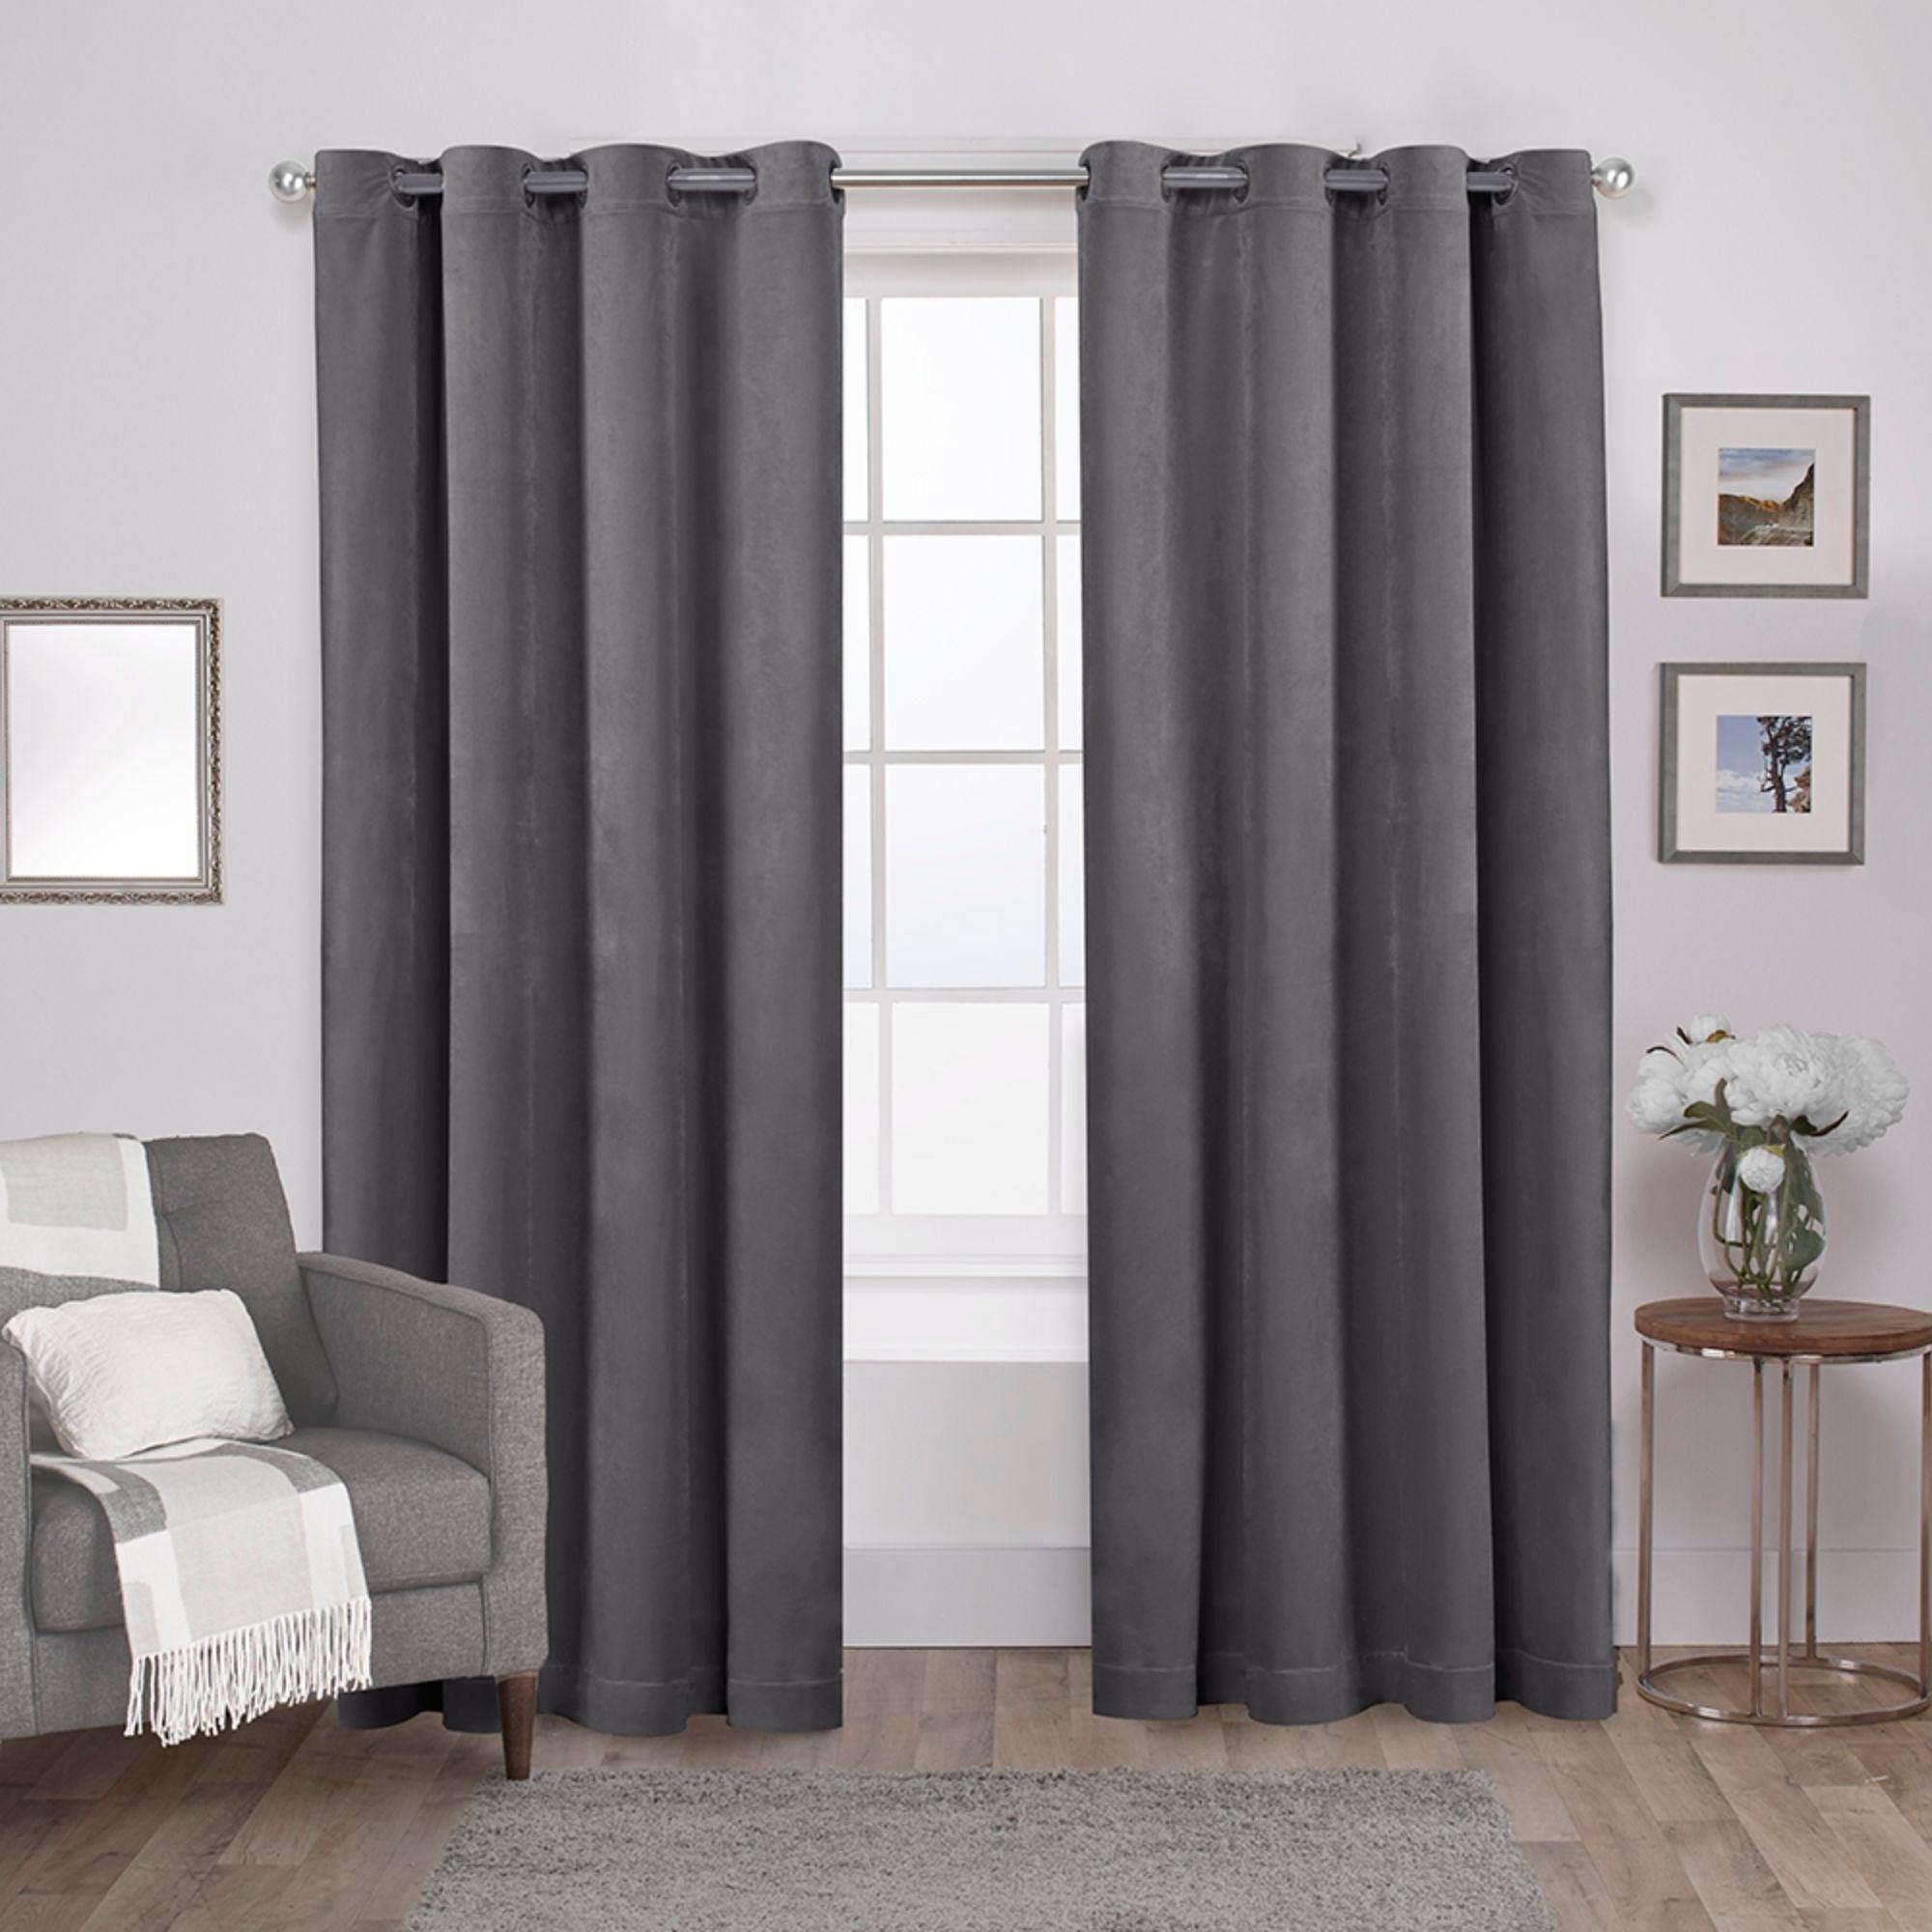 Shop Ati Home Velvet Heavyweight Grommet Top Curtain Panel Throughout Trendy Velvet Heavyweight Grommet Top Curtain Panel Pairs (View 3 of 20)